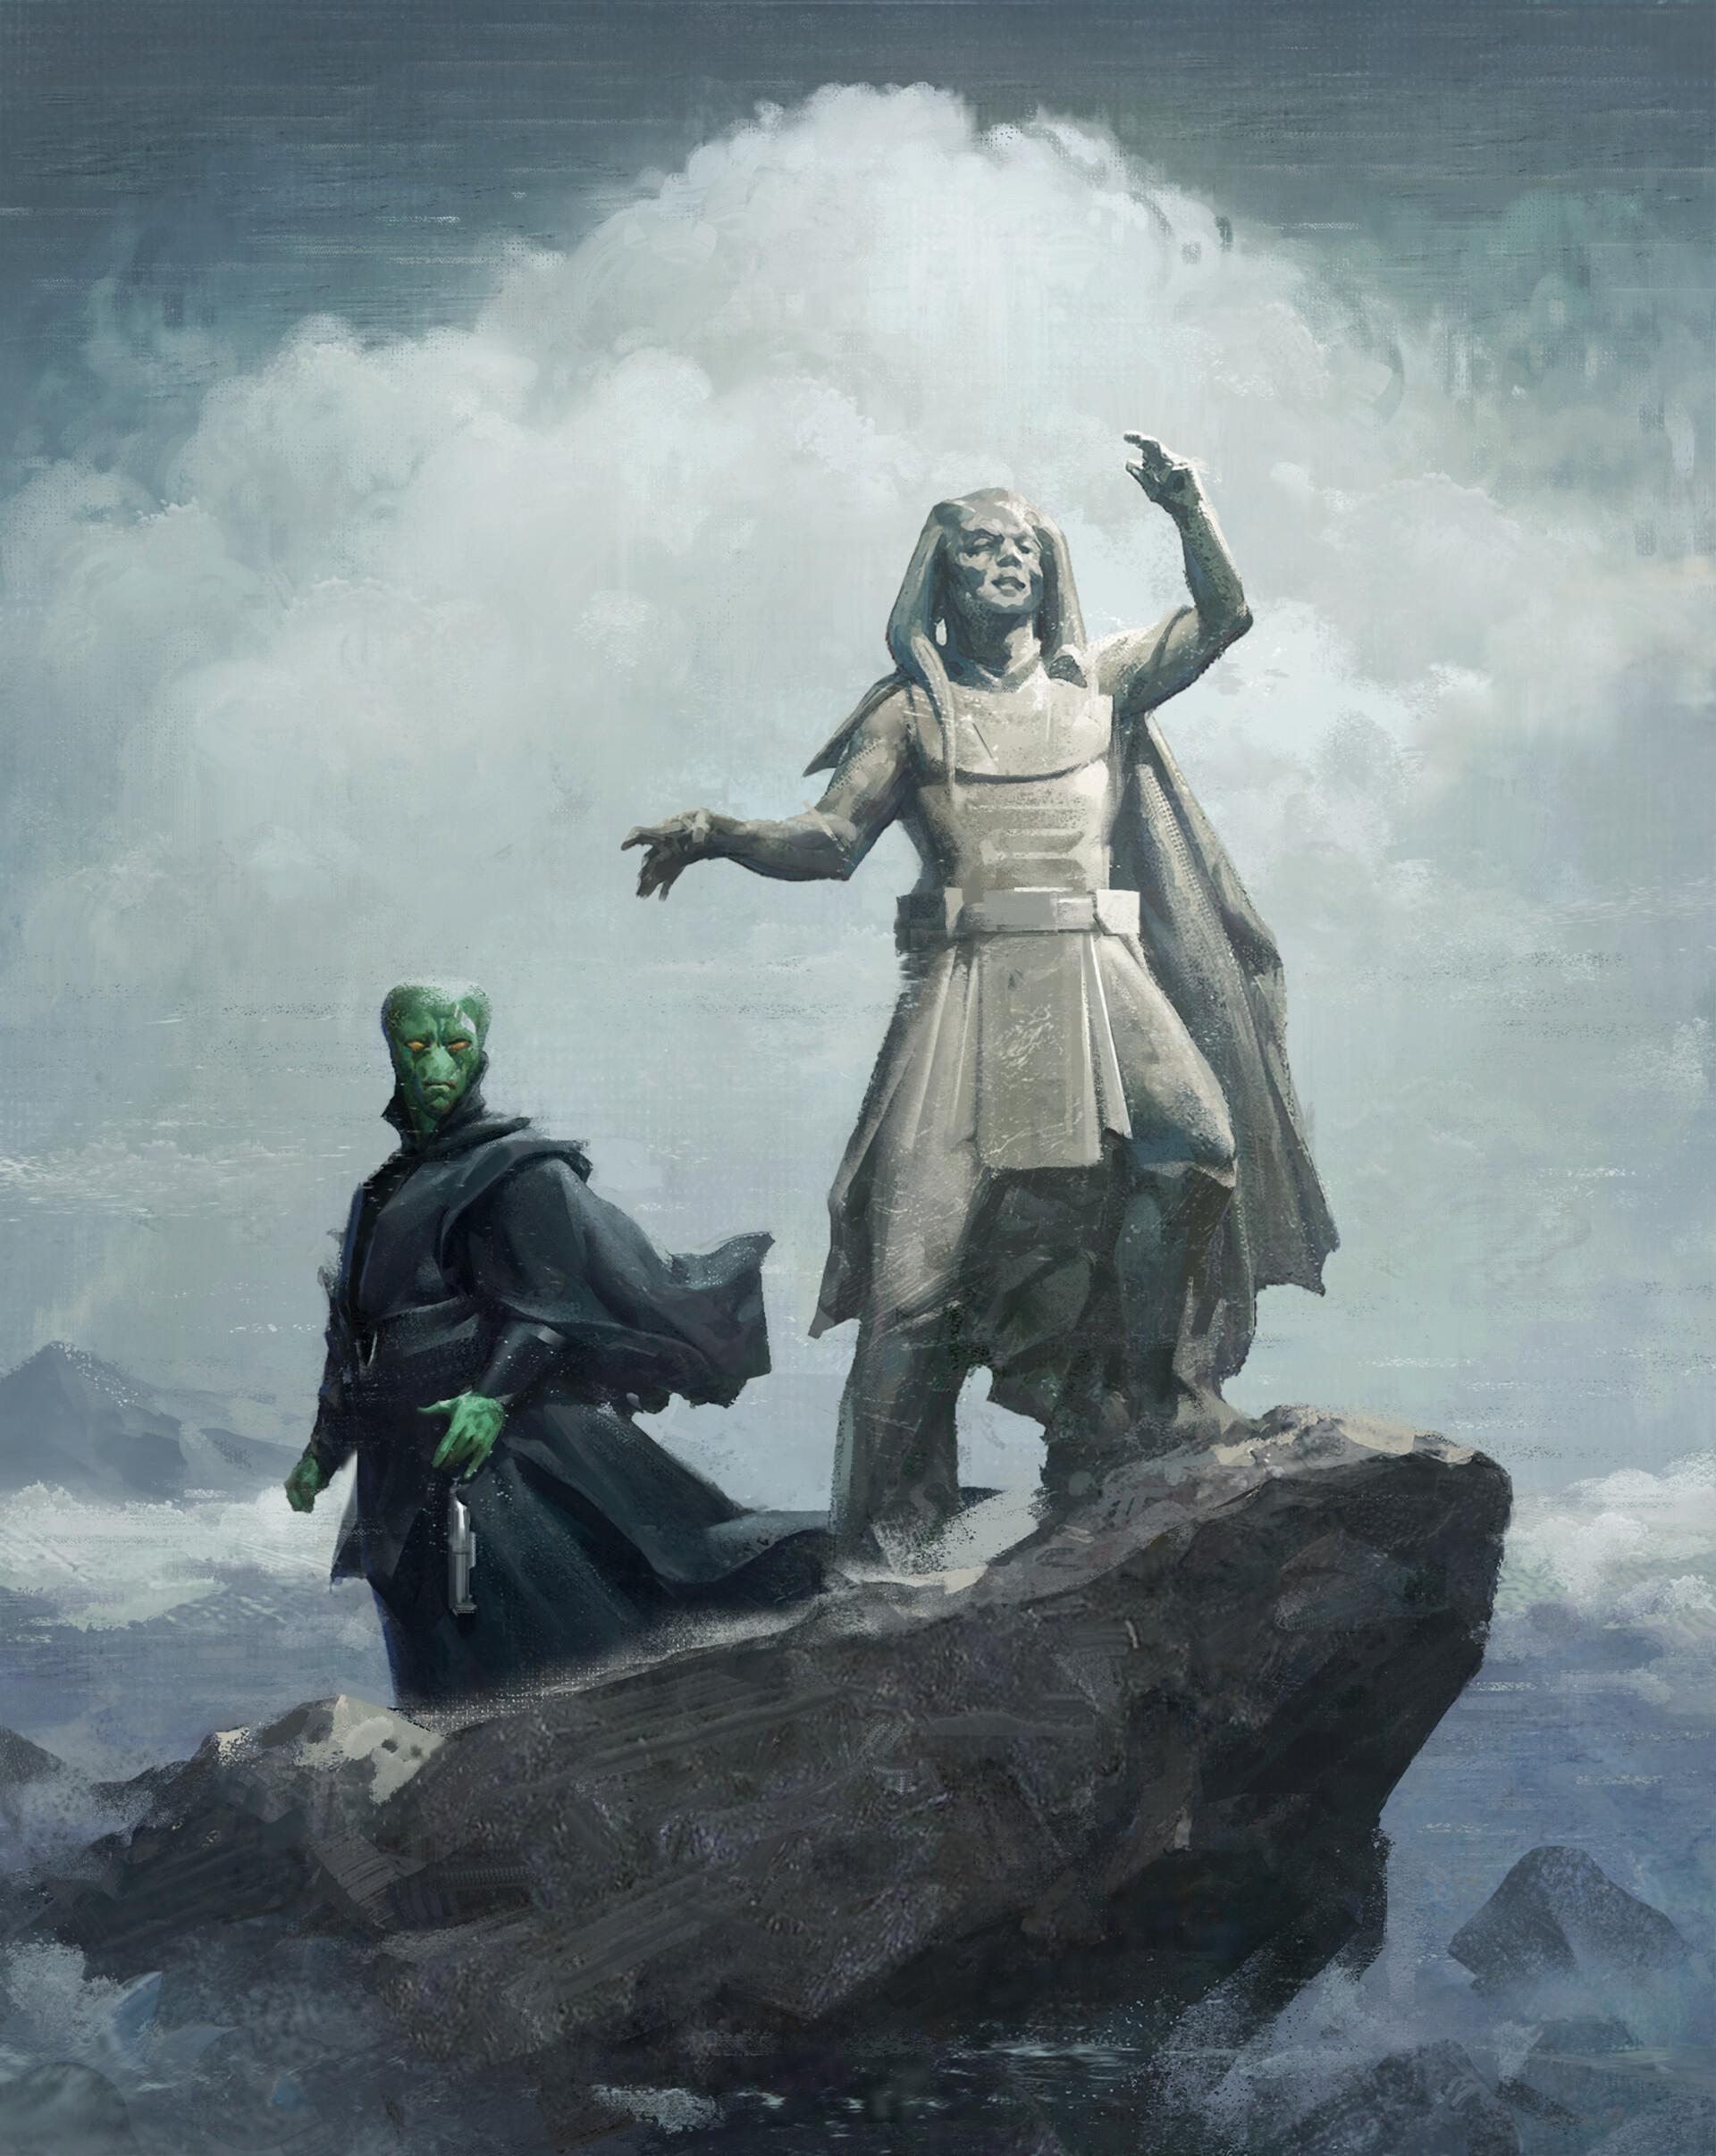 Sith stone ritual